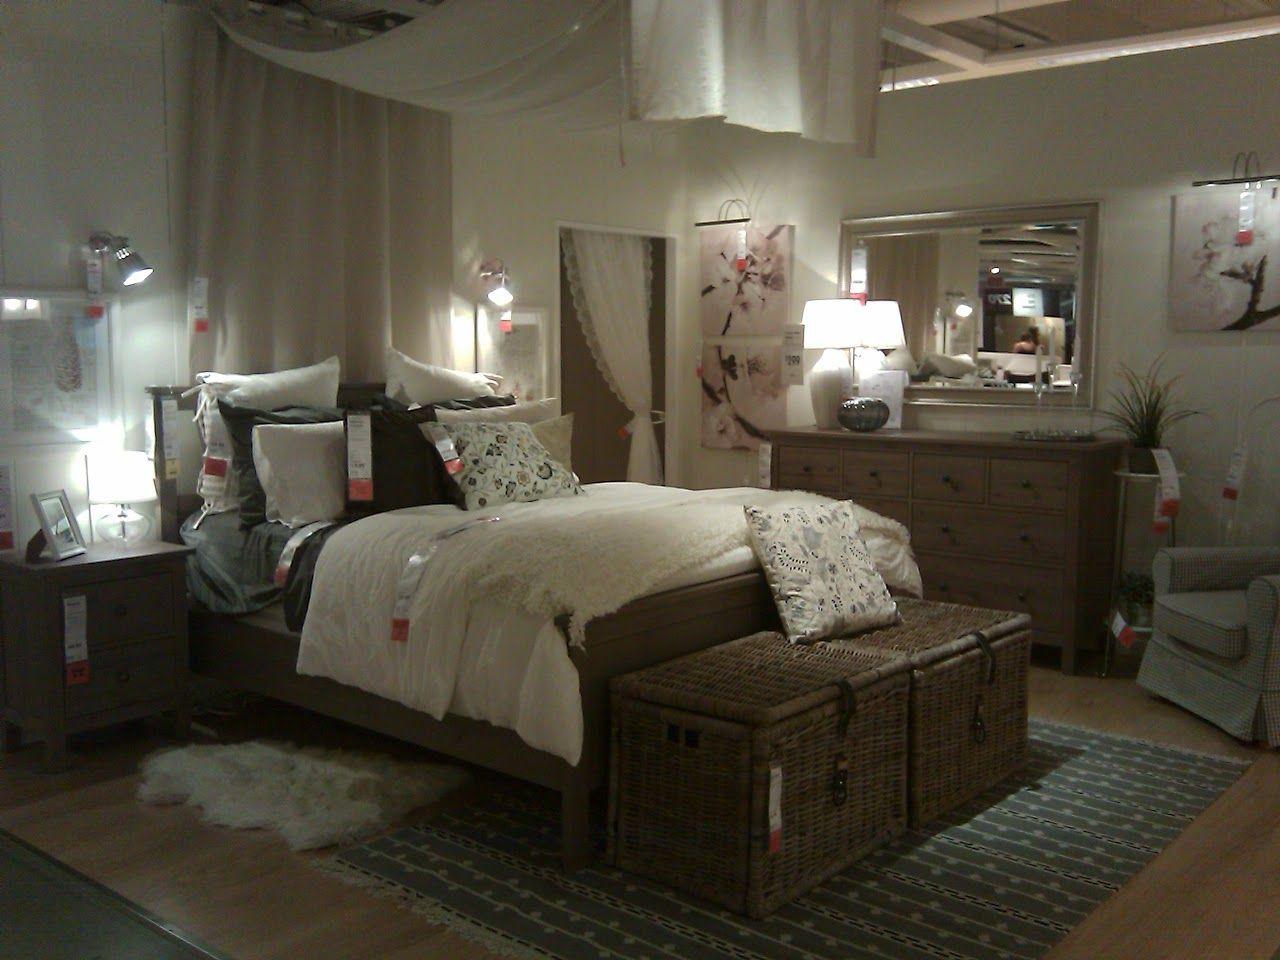 Ikea Showroom Bedroom Hemnes Dresser Brown Furniture Bedroom Bedroom Design Ikea Hemnes Bed